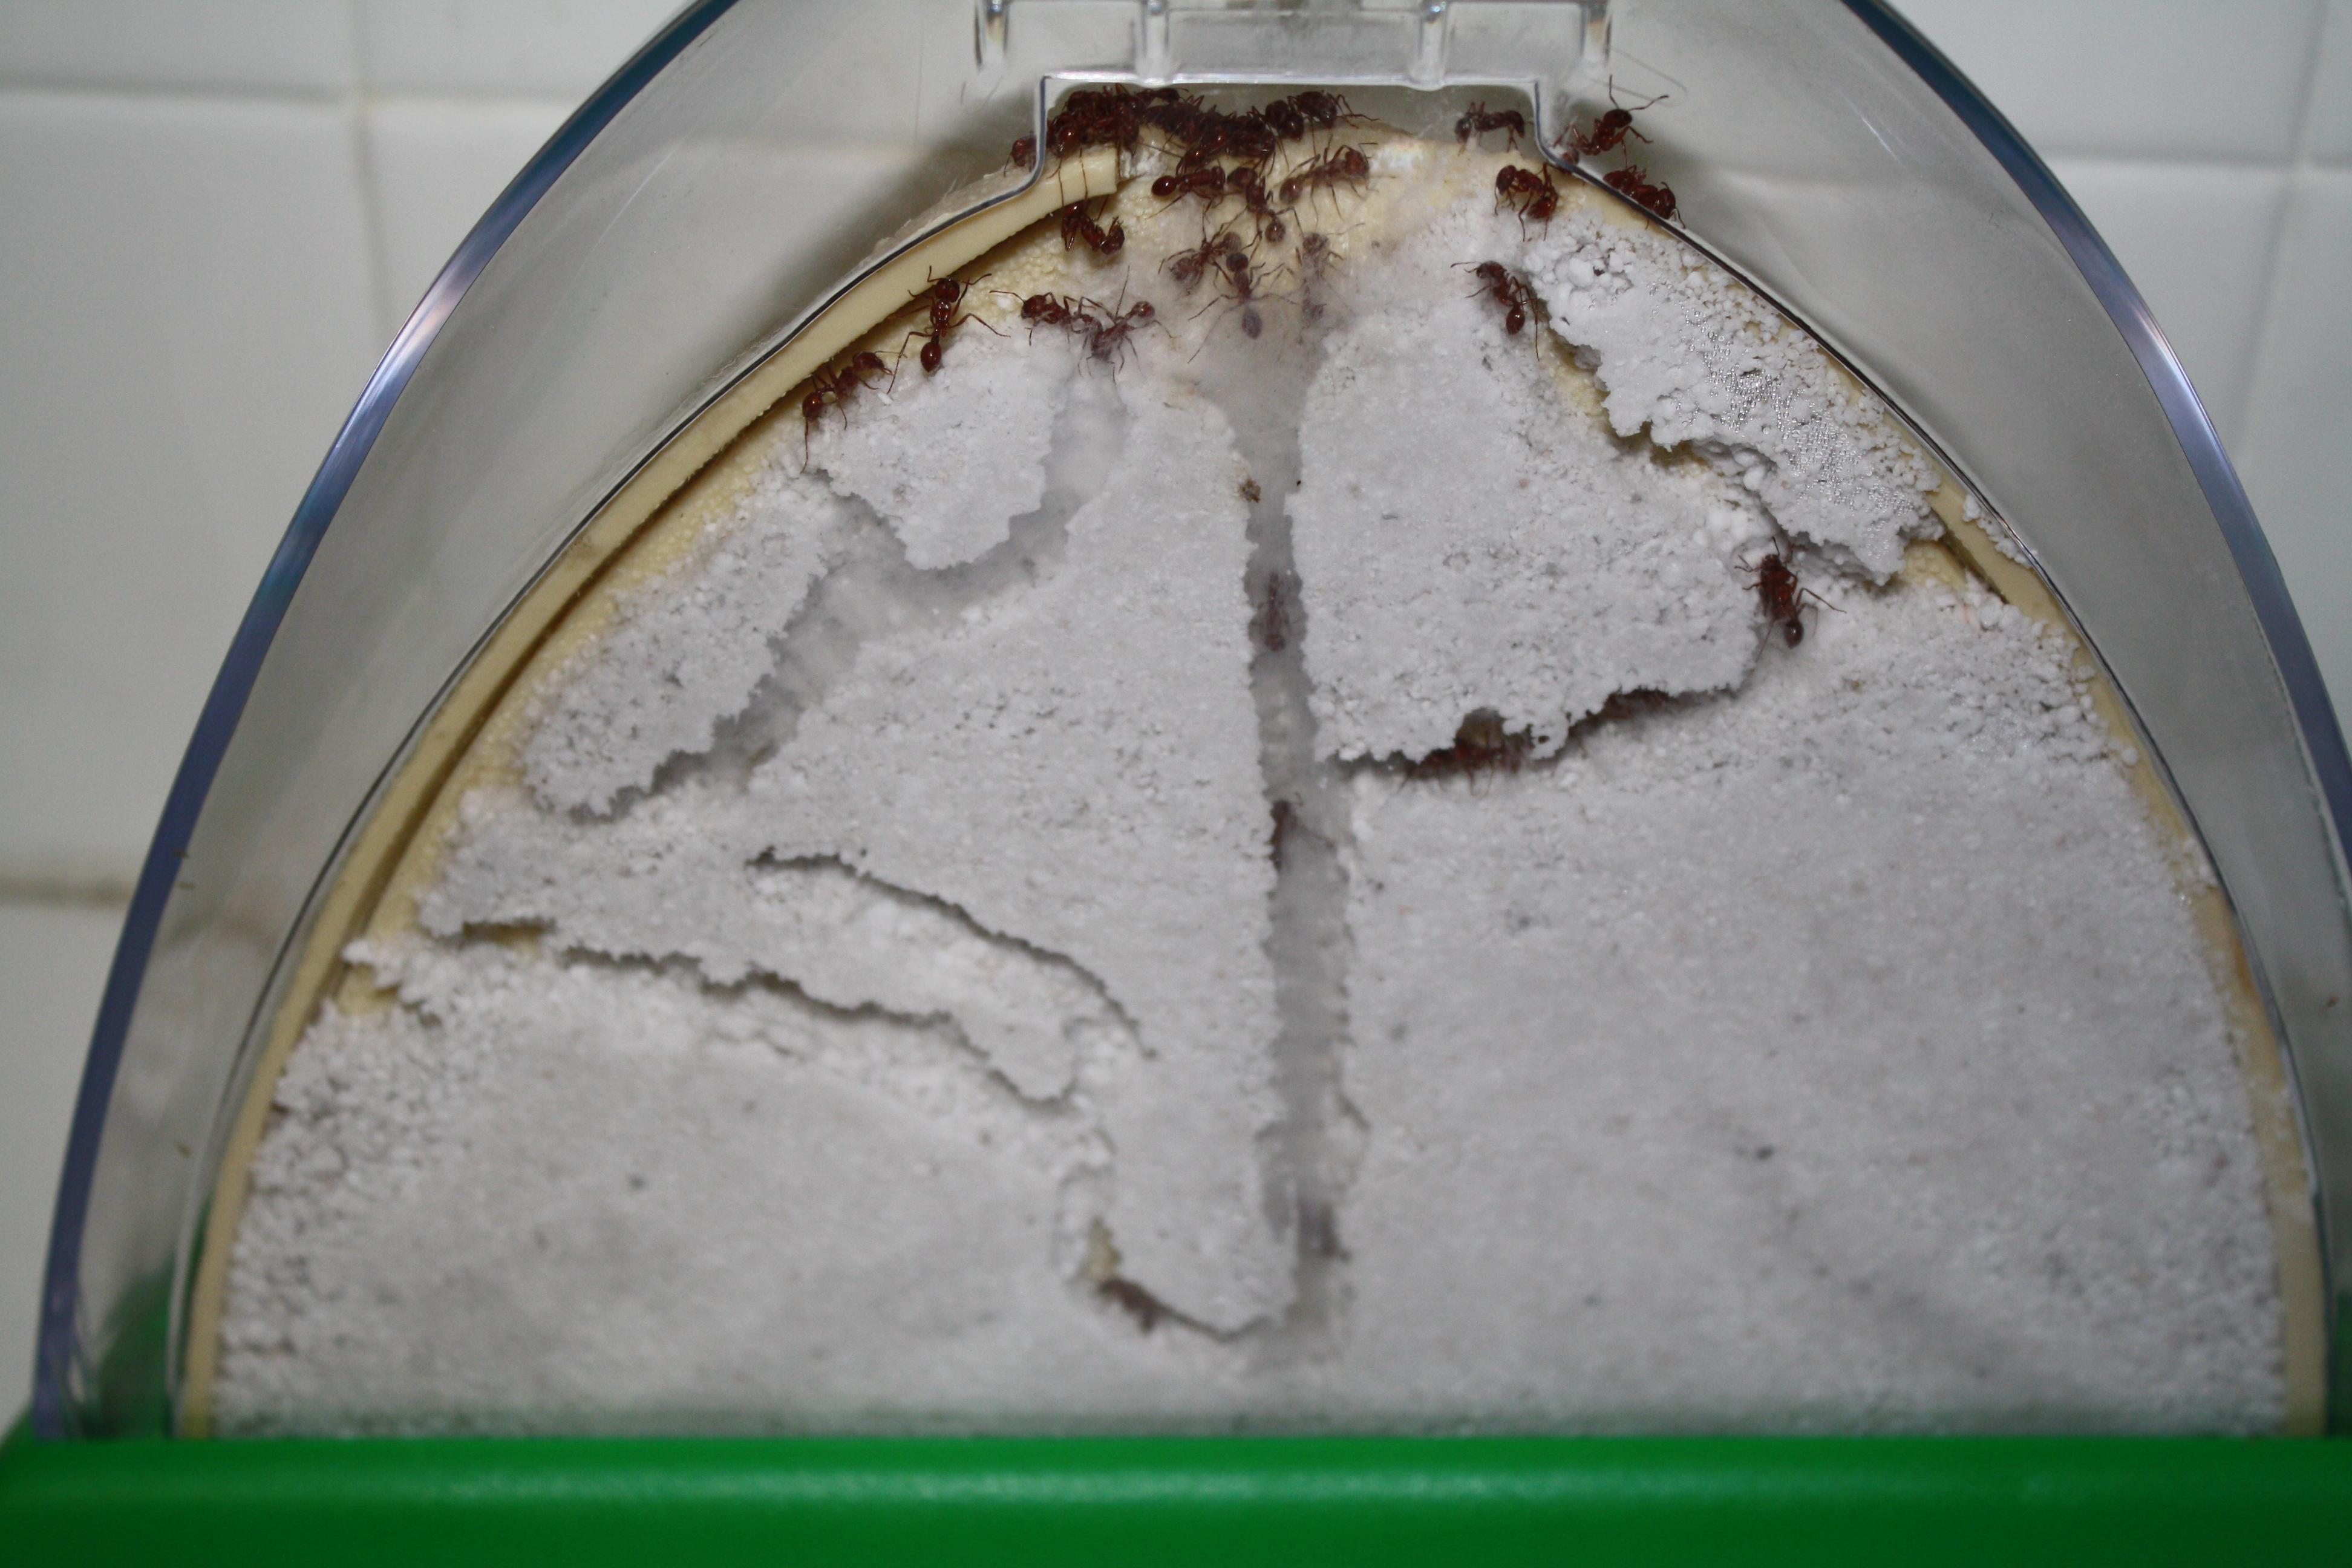 Муравьиная ферма с муравьями. Как сделать муравьиную ферму своими руками? 20